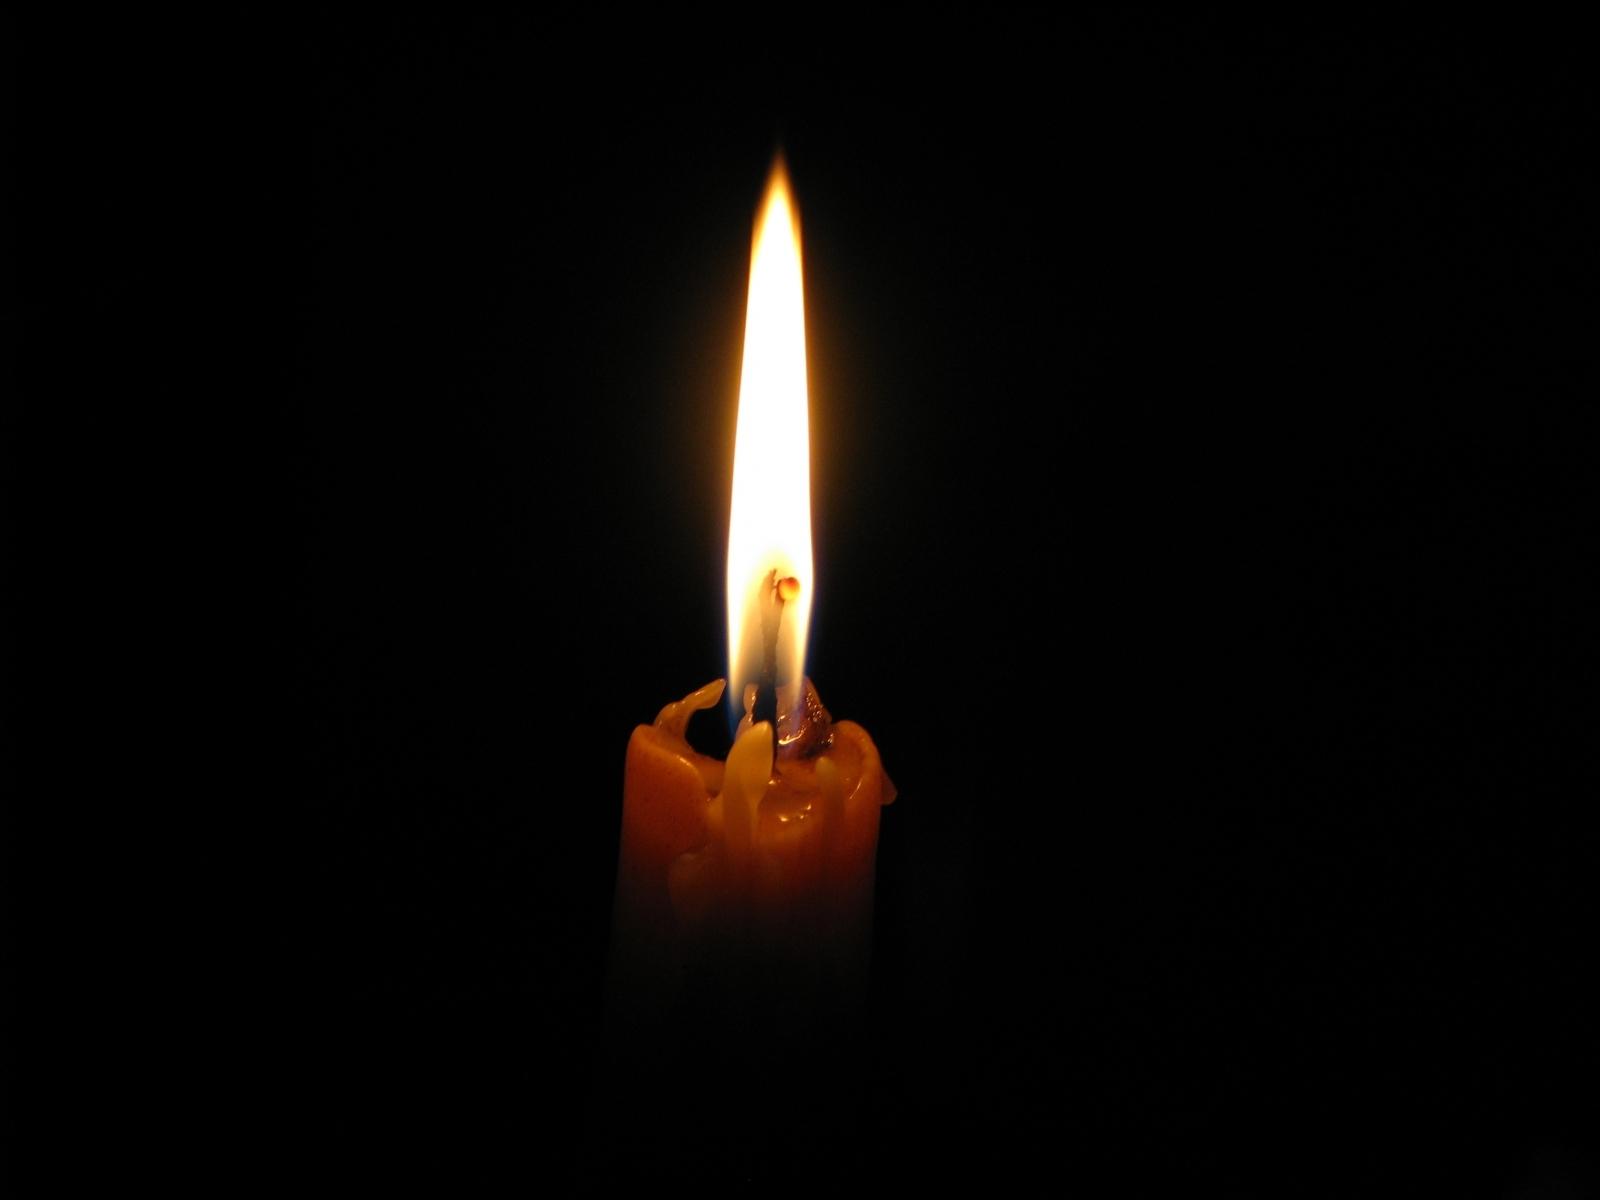 Завантажити картинку 1473: Свічки, Вогонь, Об'єкти шпалери на робочий стіл безкоштовно